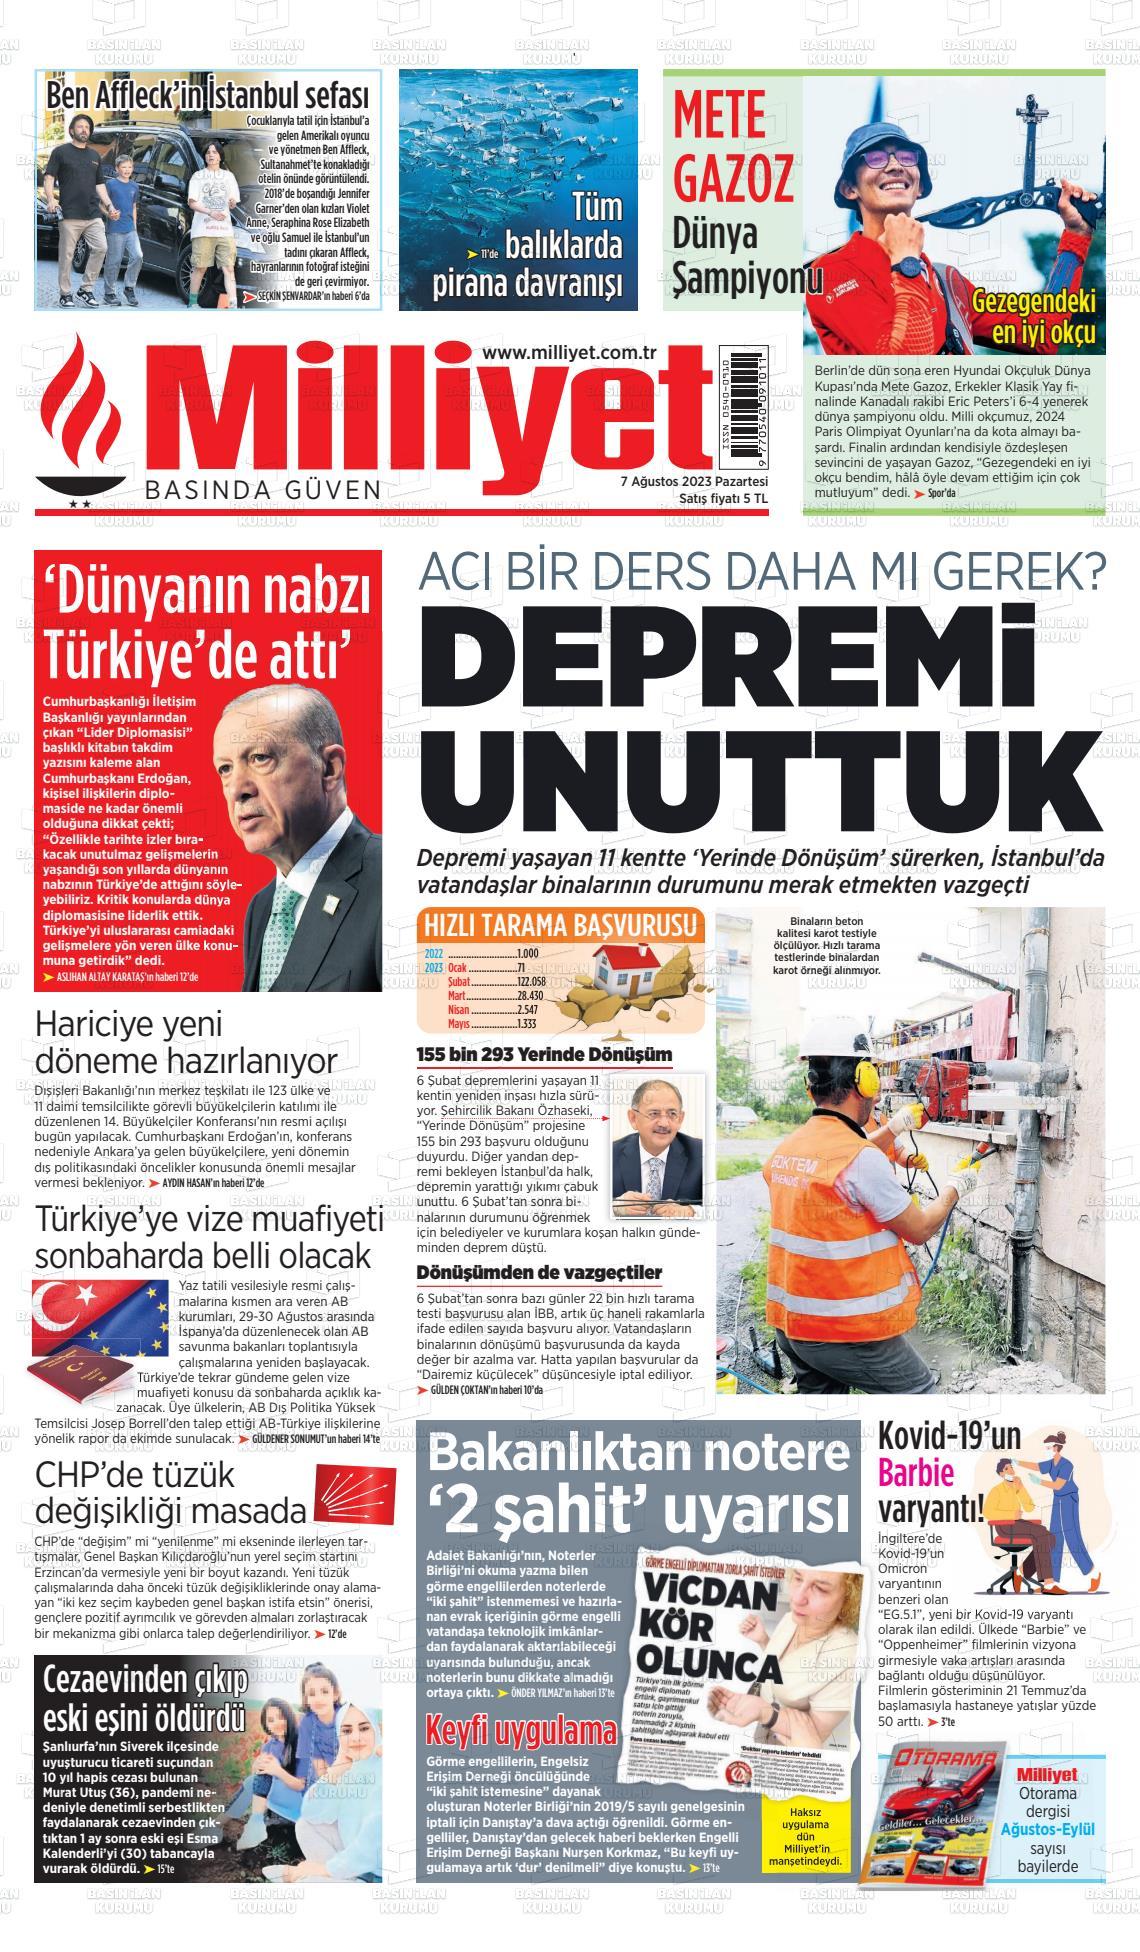 19 Haziran 2019, Çarşamba milliyet Gazetesi